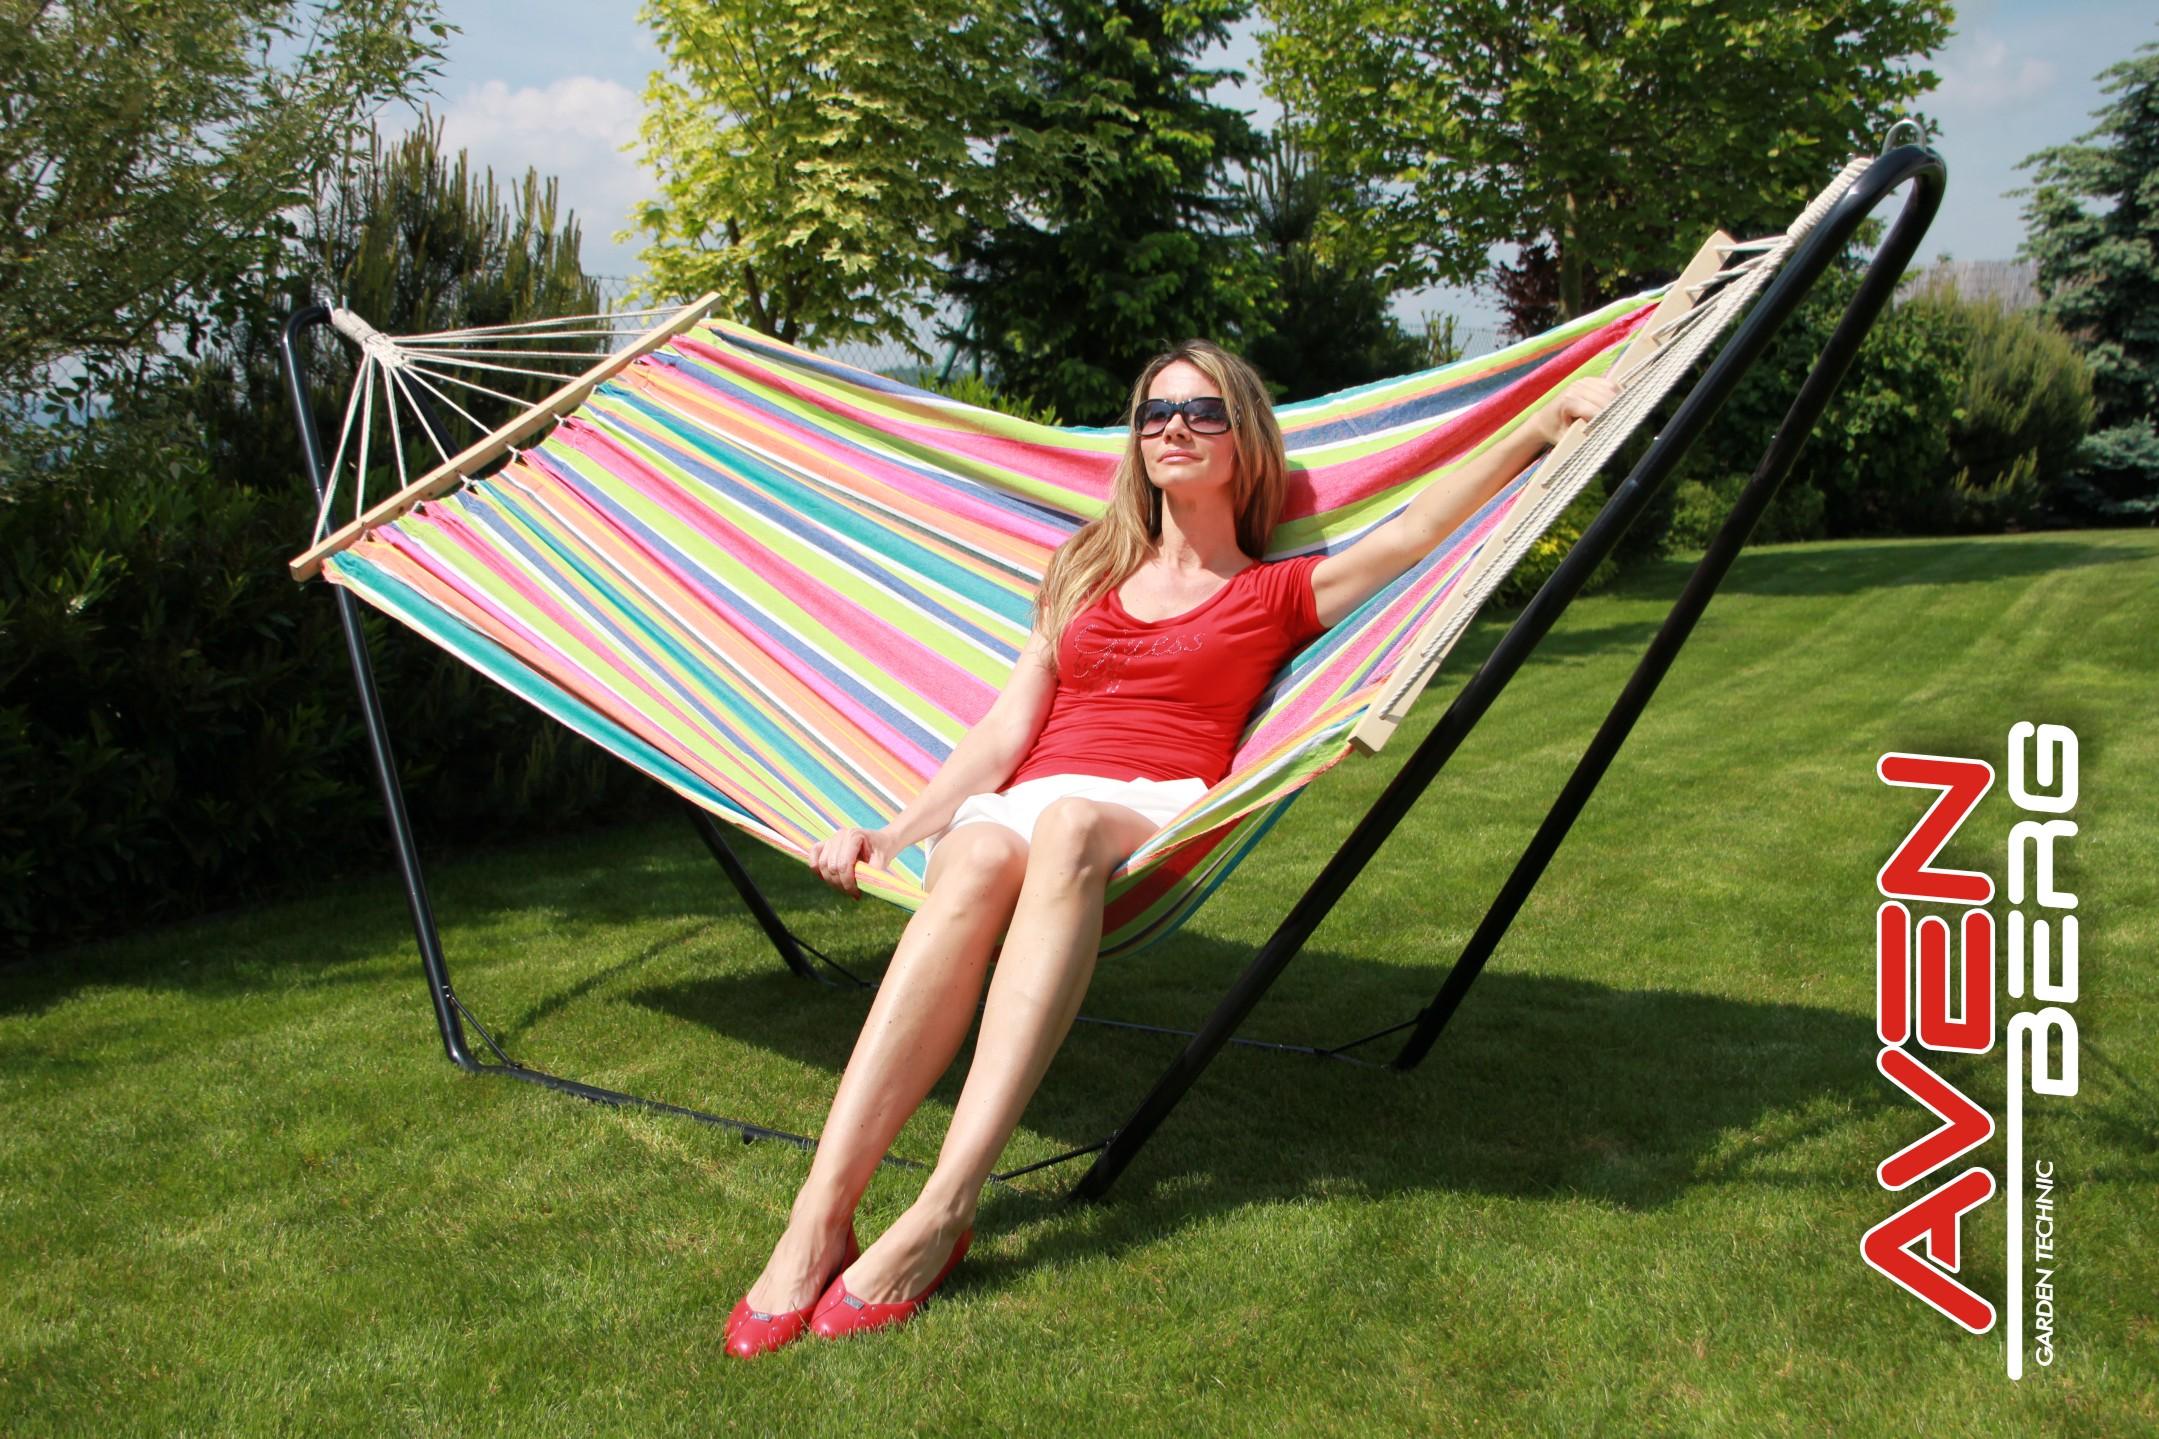 Relaxační lehátko pro 2 osoby STOJAN+HOUPACÍ SÍŤ AVENBERG Florida 31078